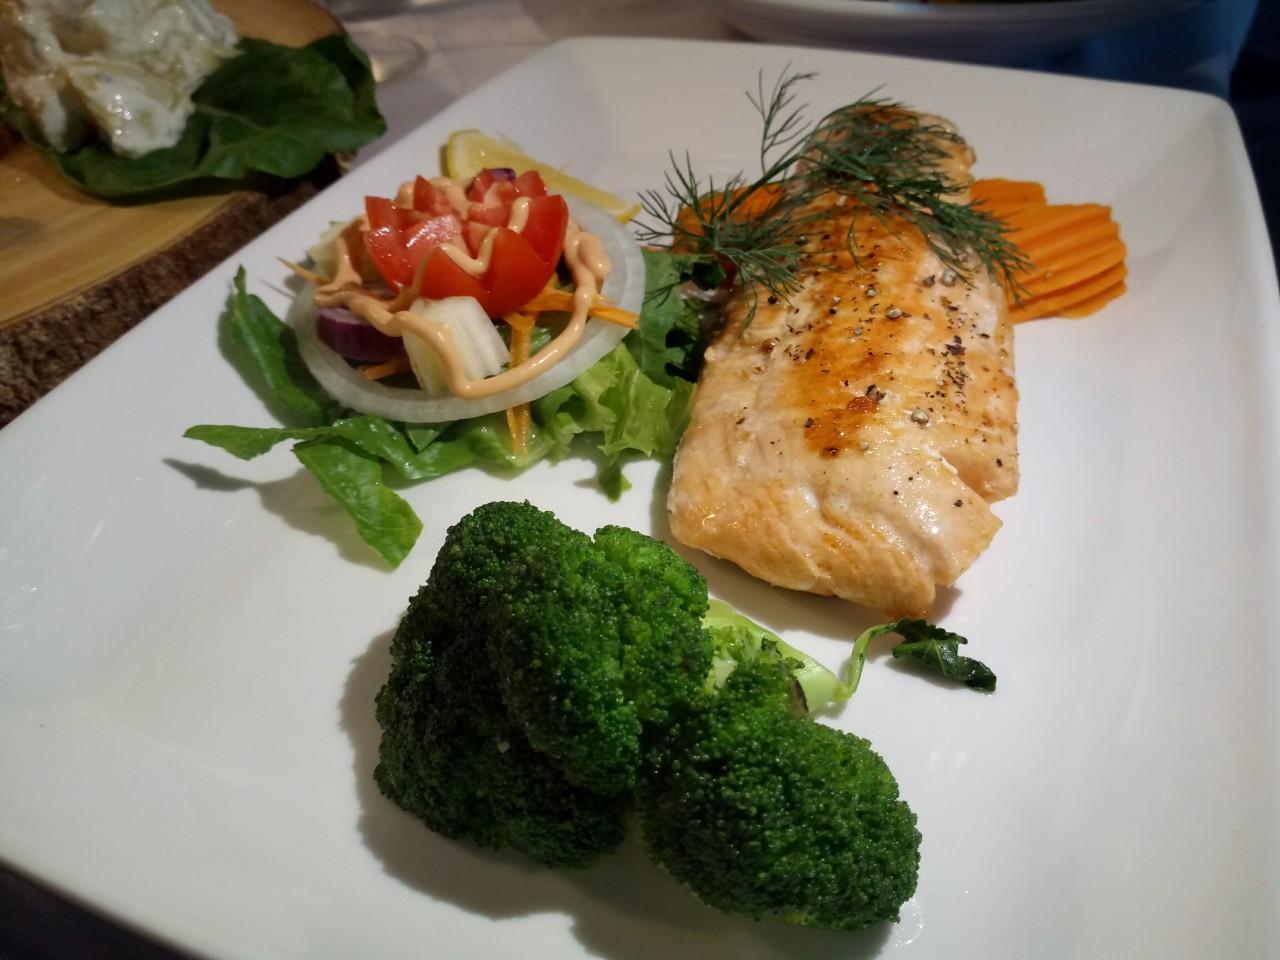 Linda's Restaurant - ресторан скандинавской кухни в Паттайе